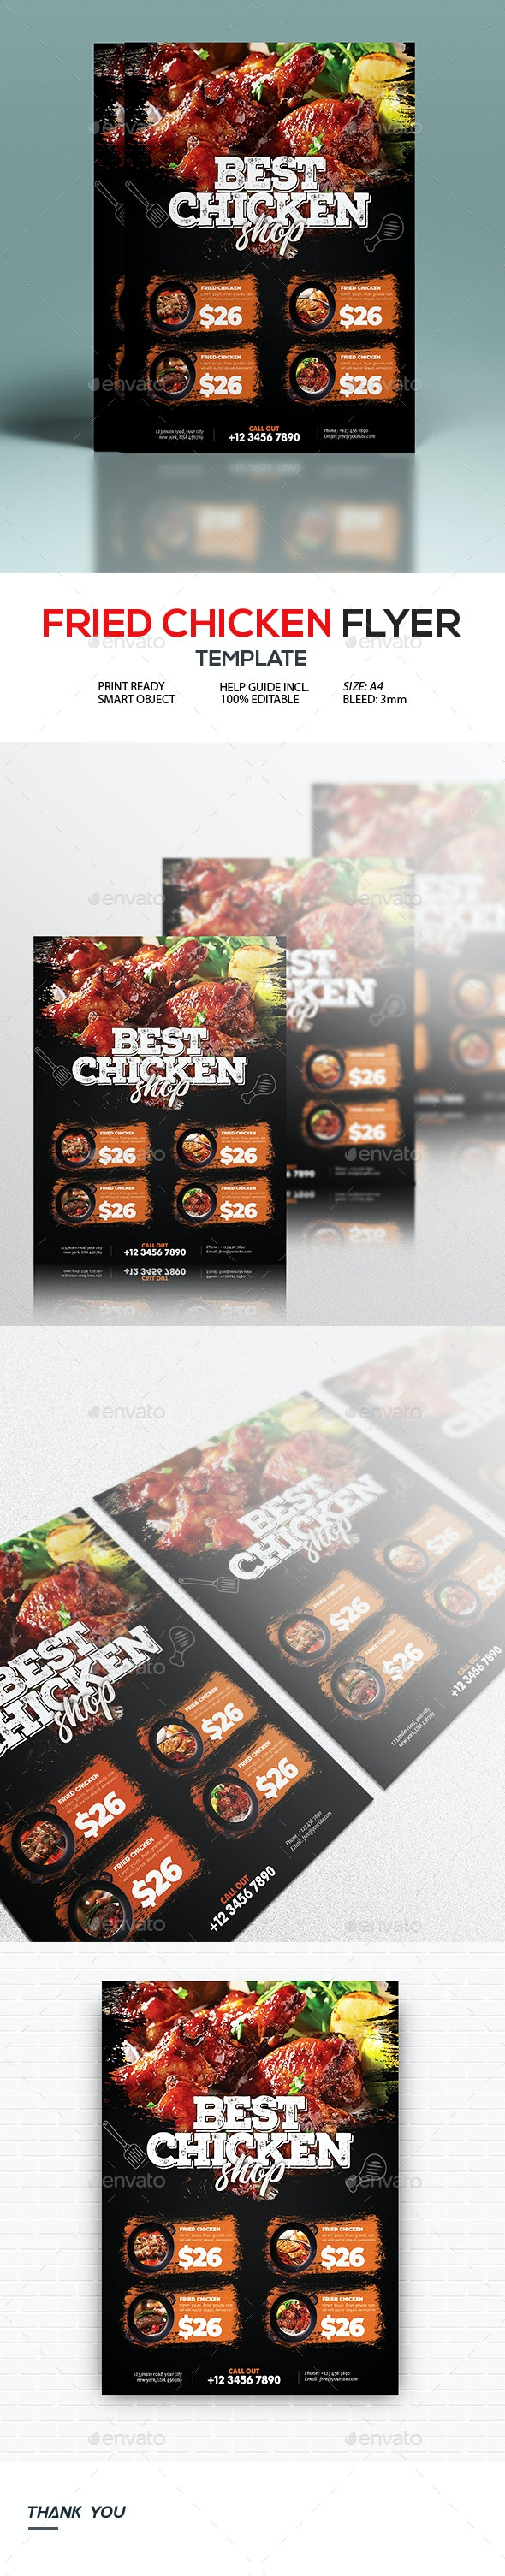 Fried Chicken Flyer - Restaurant Flyers